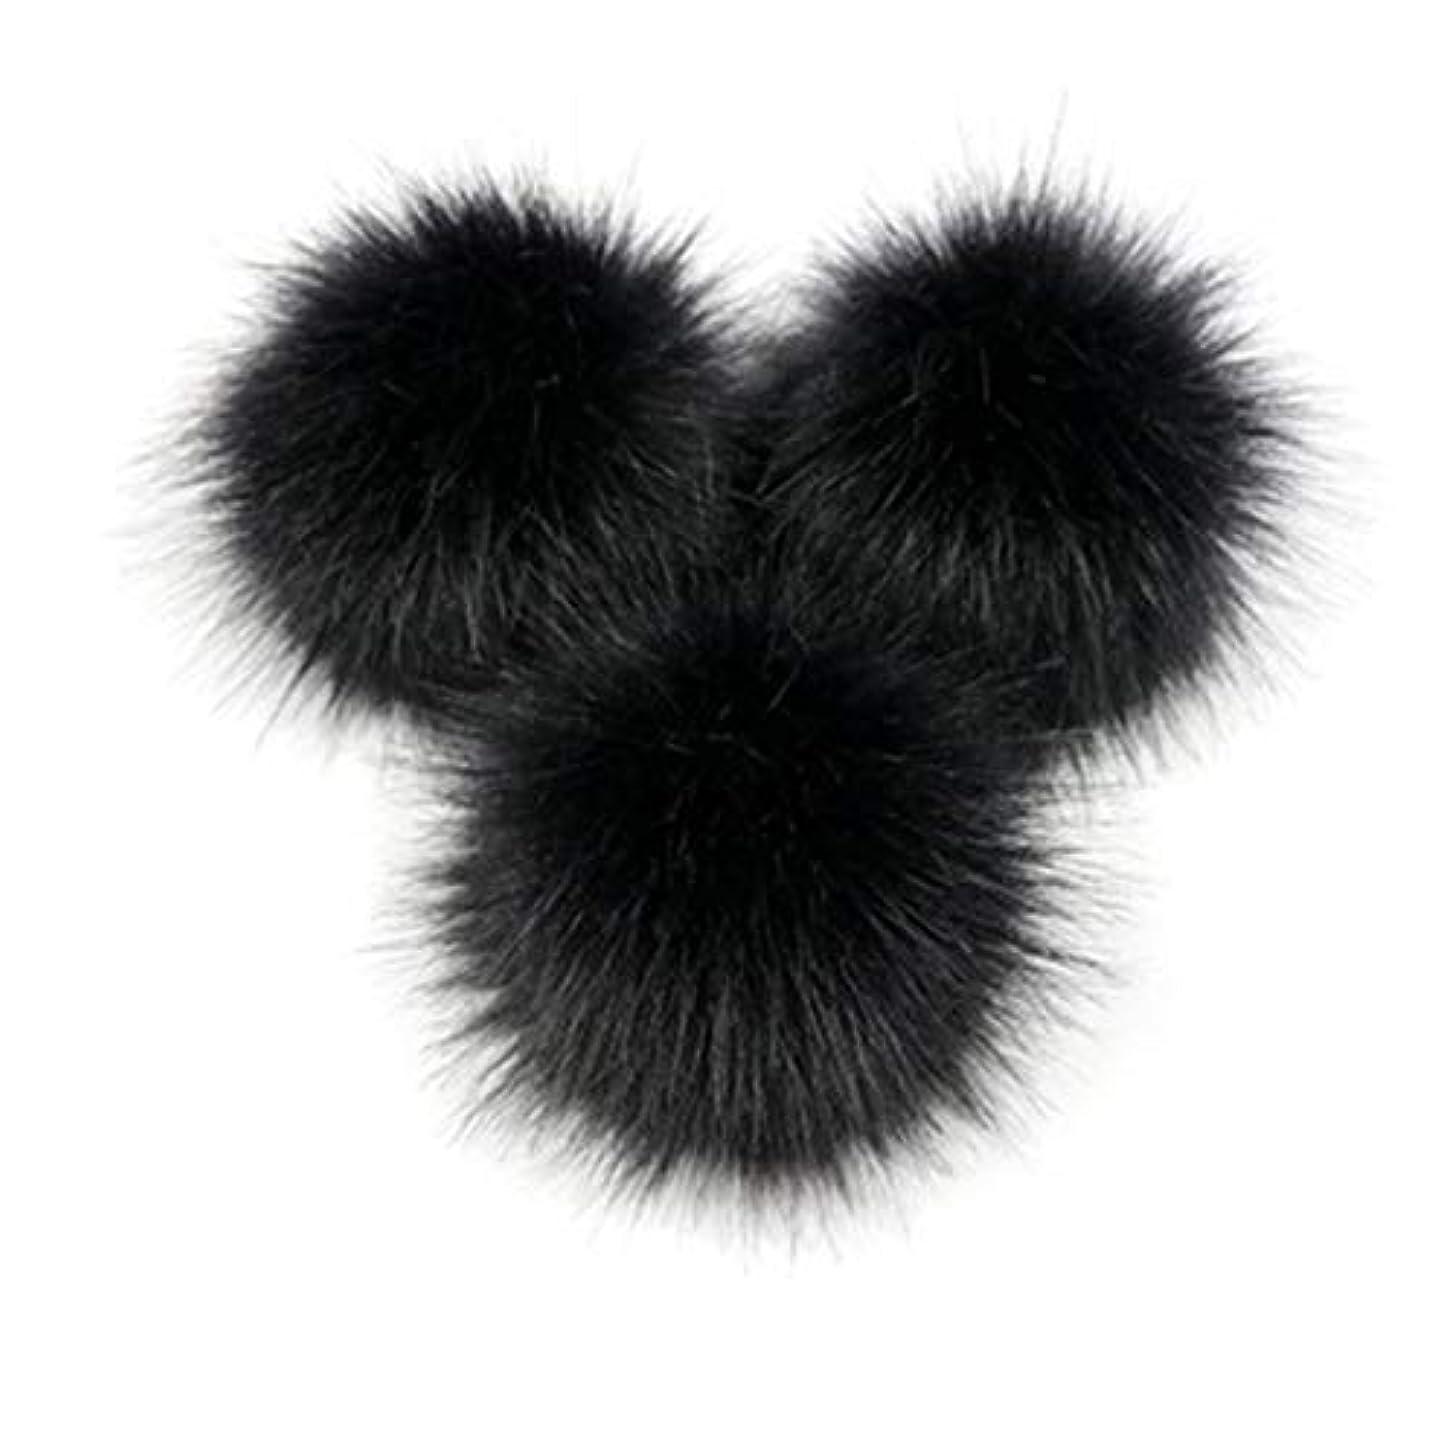 ルーチン雨の遺産Kongqiabonaかわいいキツネの毛皮のポンポン取り外し可能な毛皮ふわふわボブルボールでプレスボタン用diy帽子キャップバッグ服靴の装飾